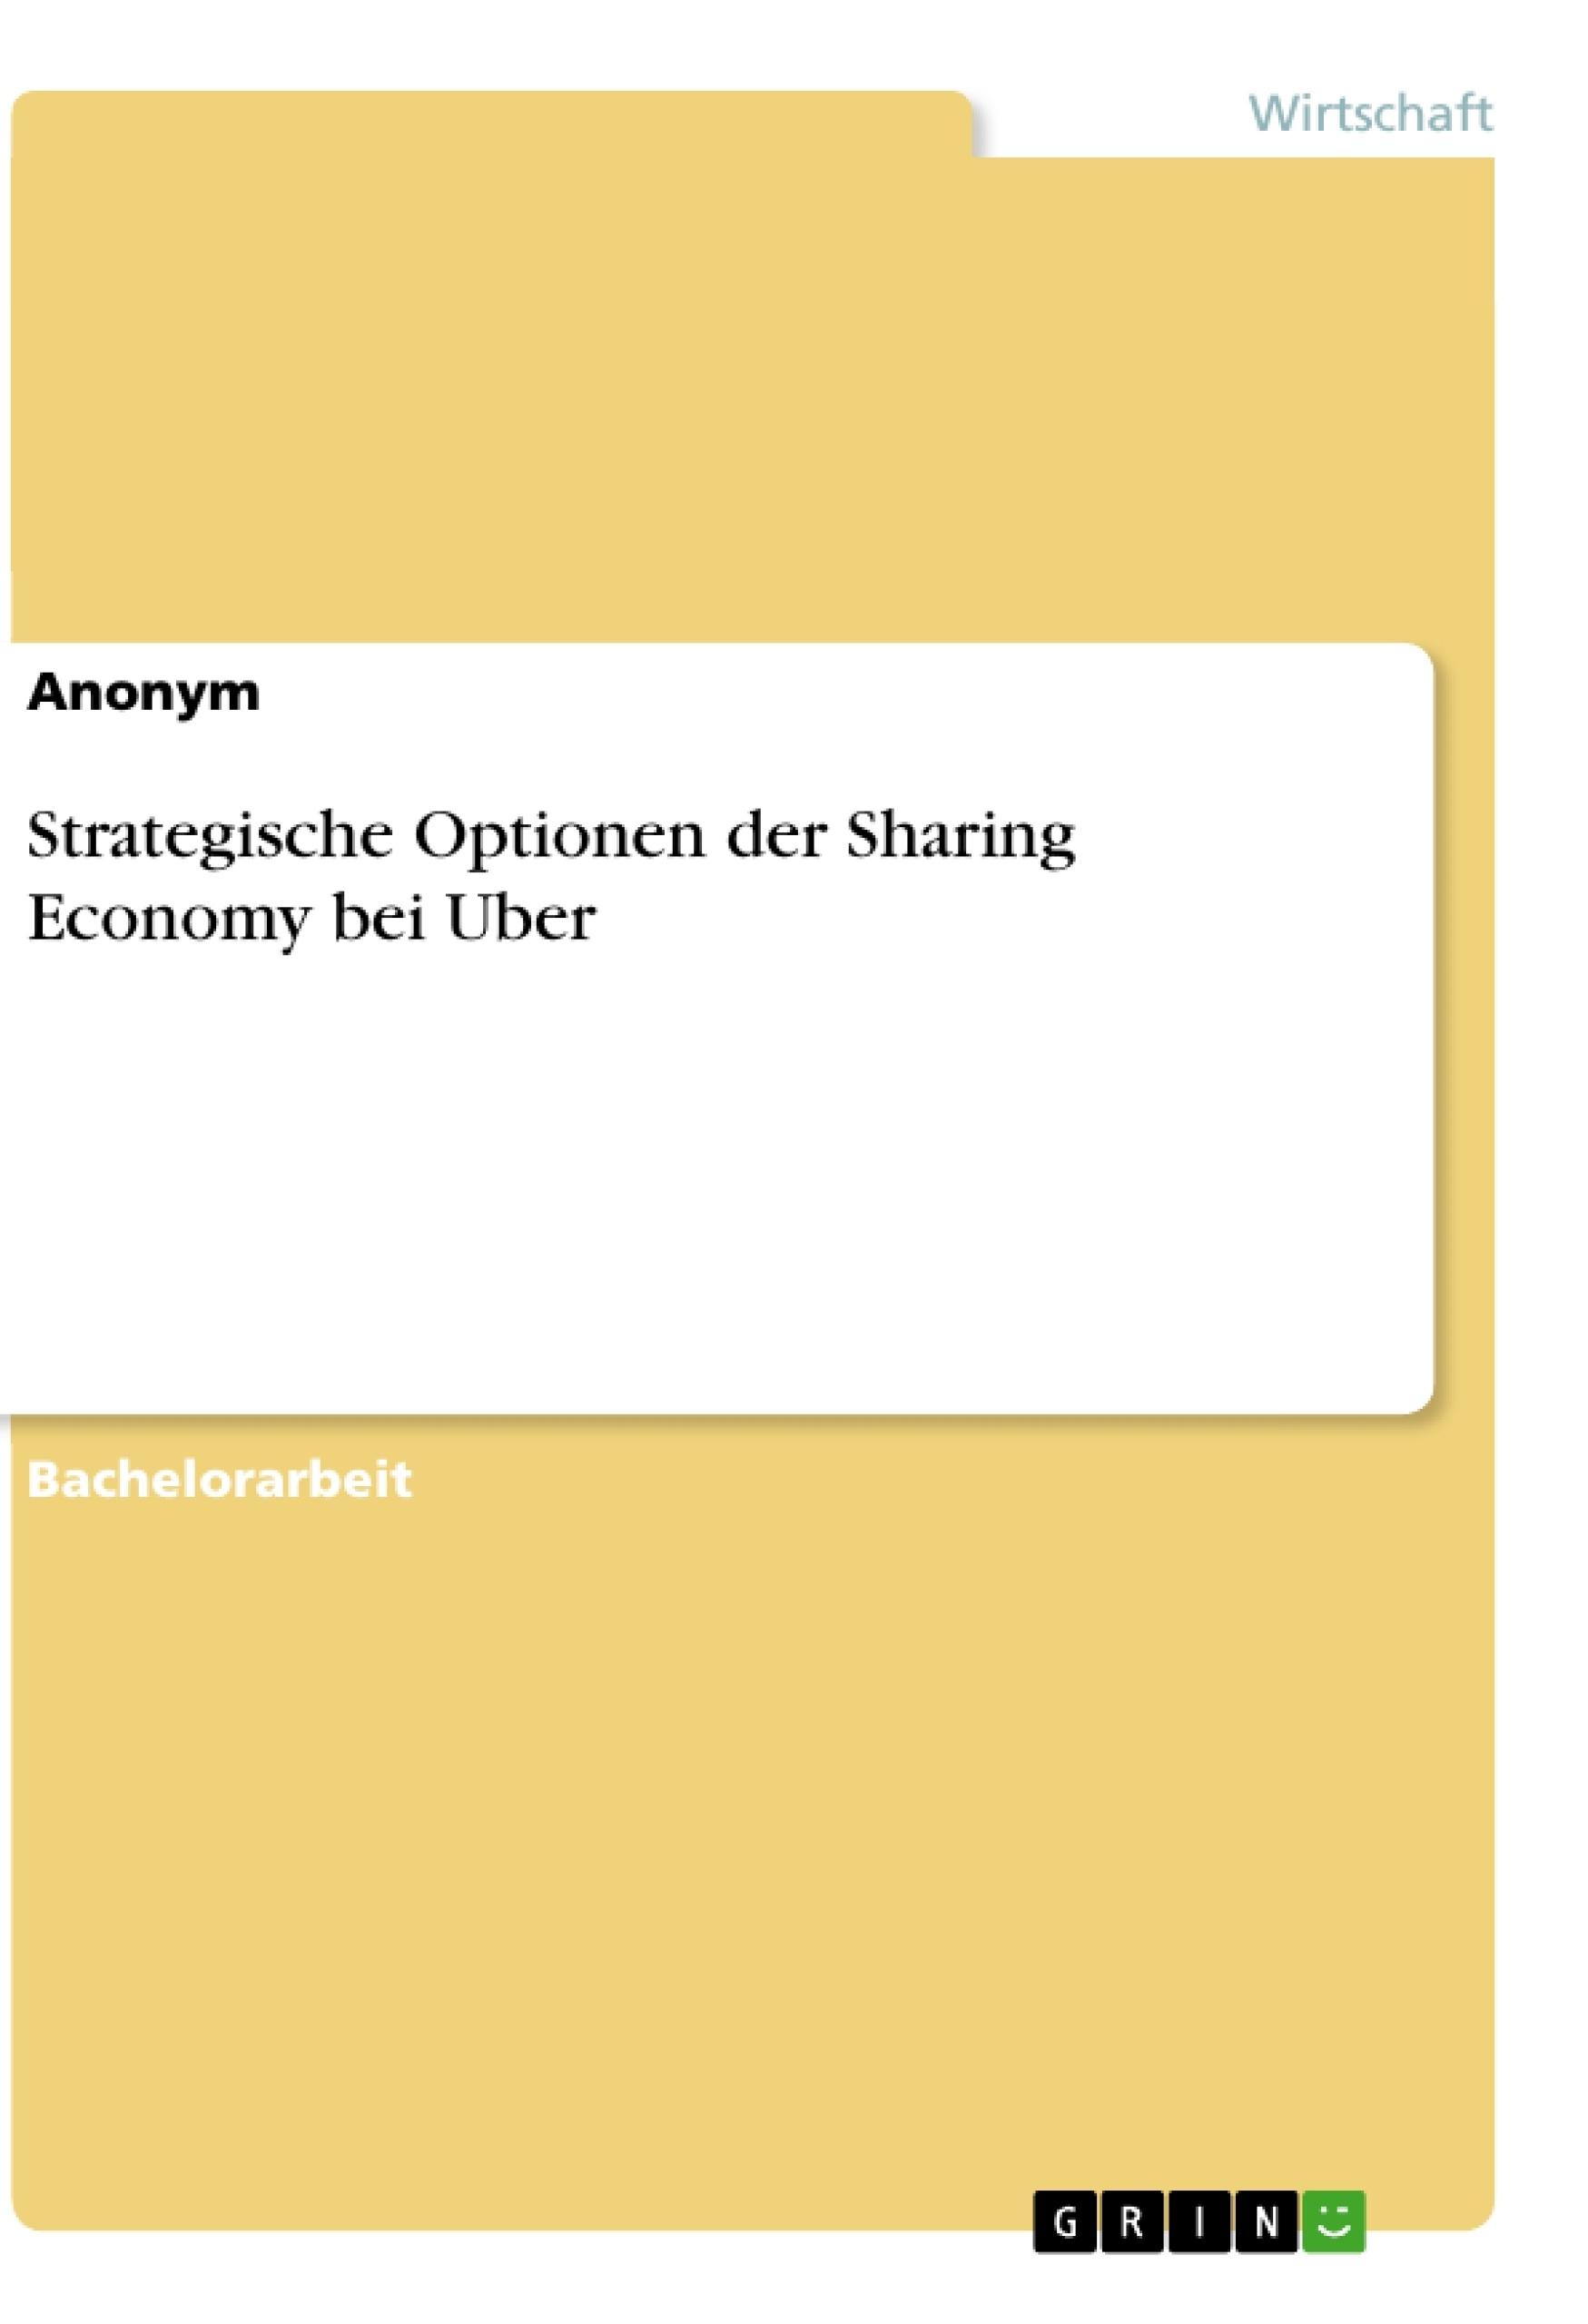 Titel: Strategische Optionen der Sharing Economy bei Uber